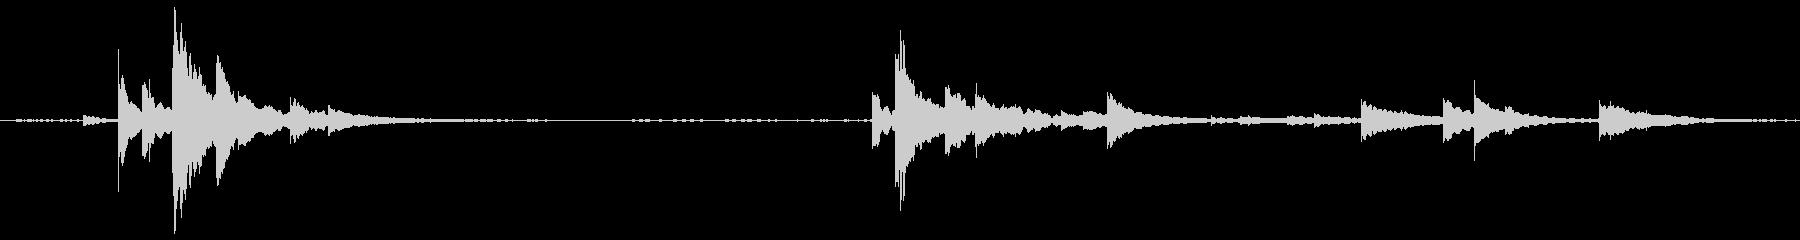 ベルドアエントリー小cの未再生の波形